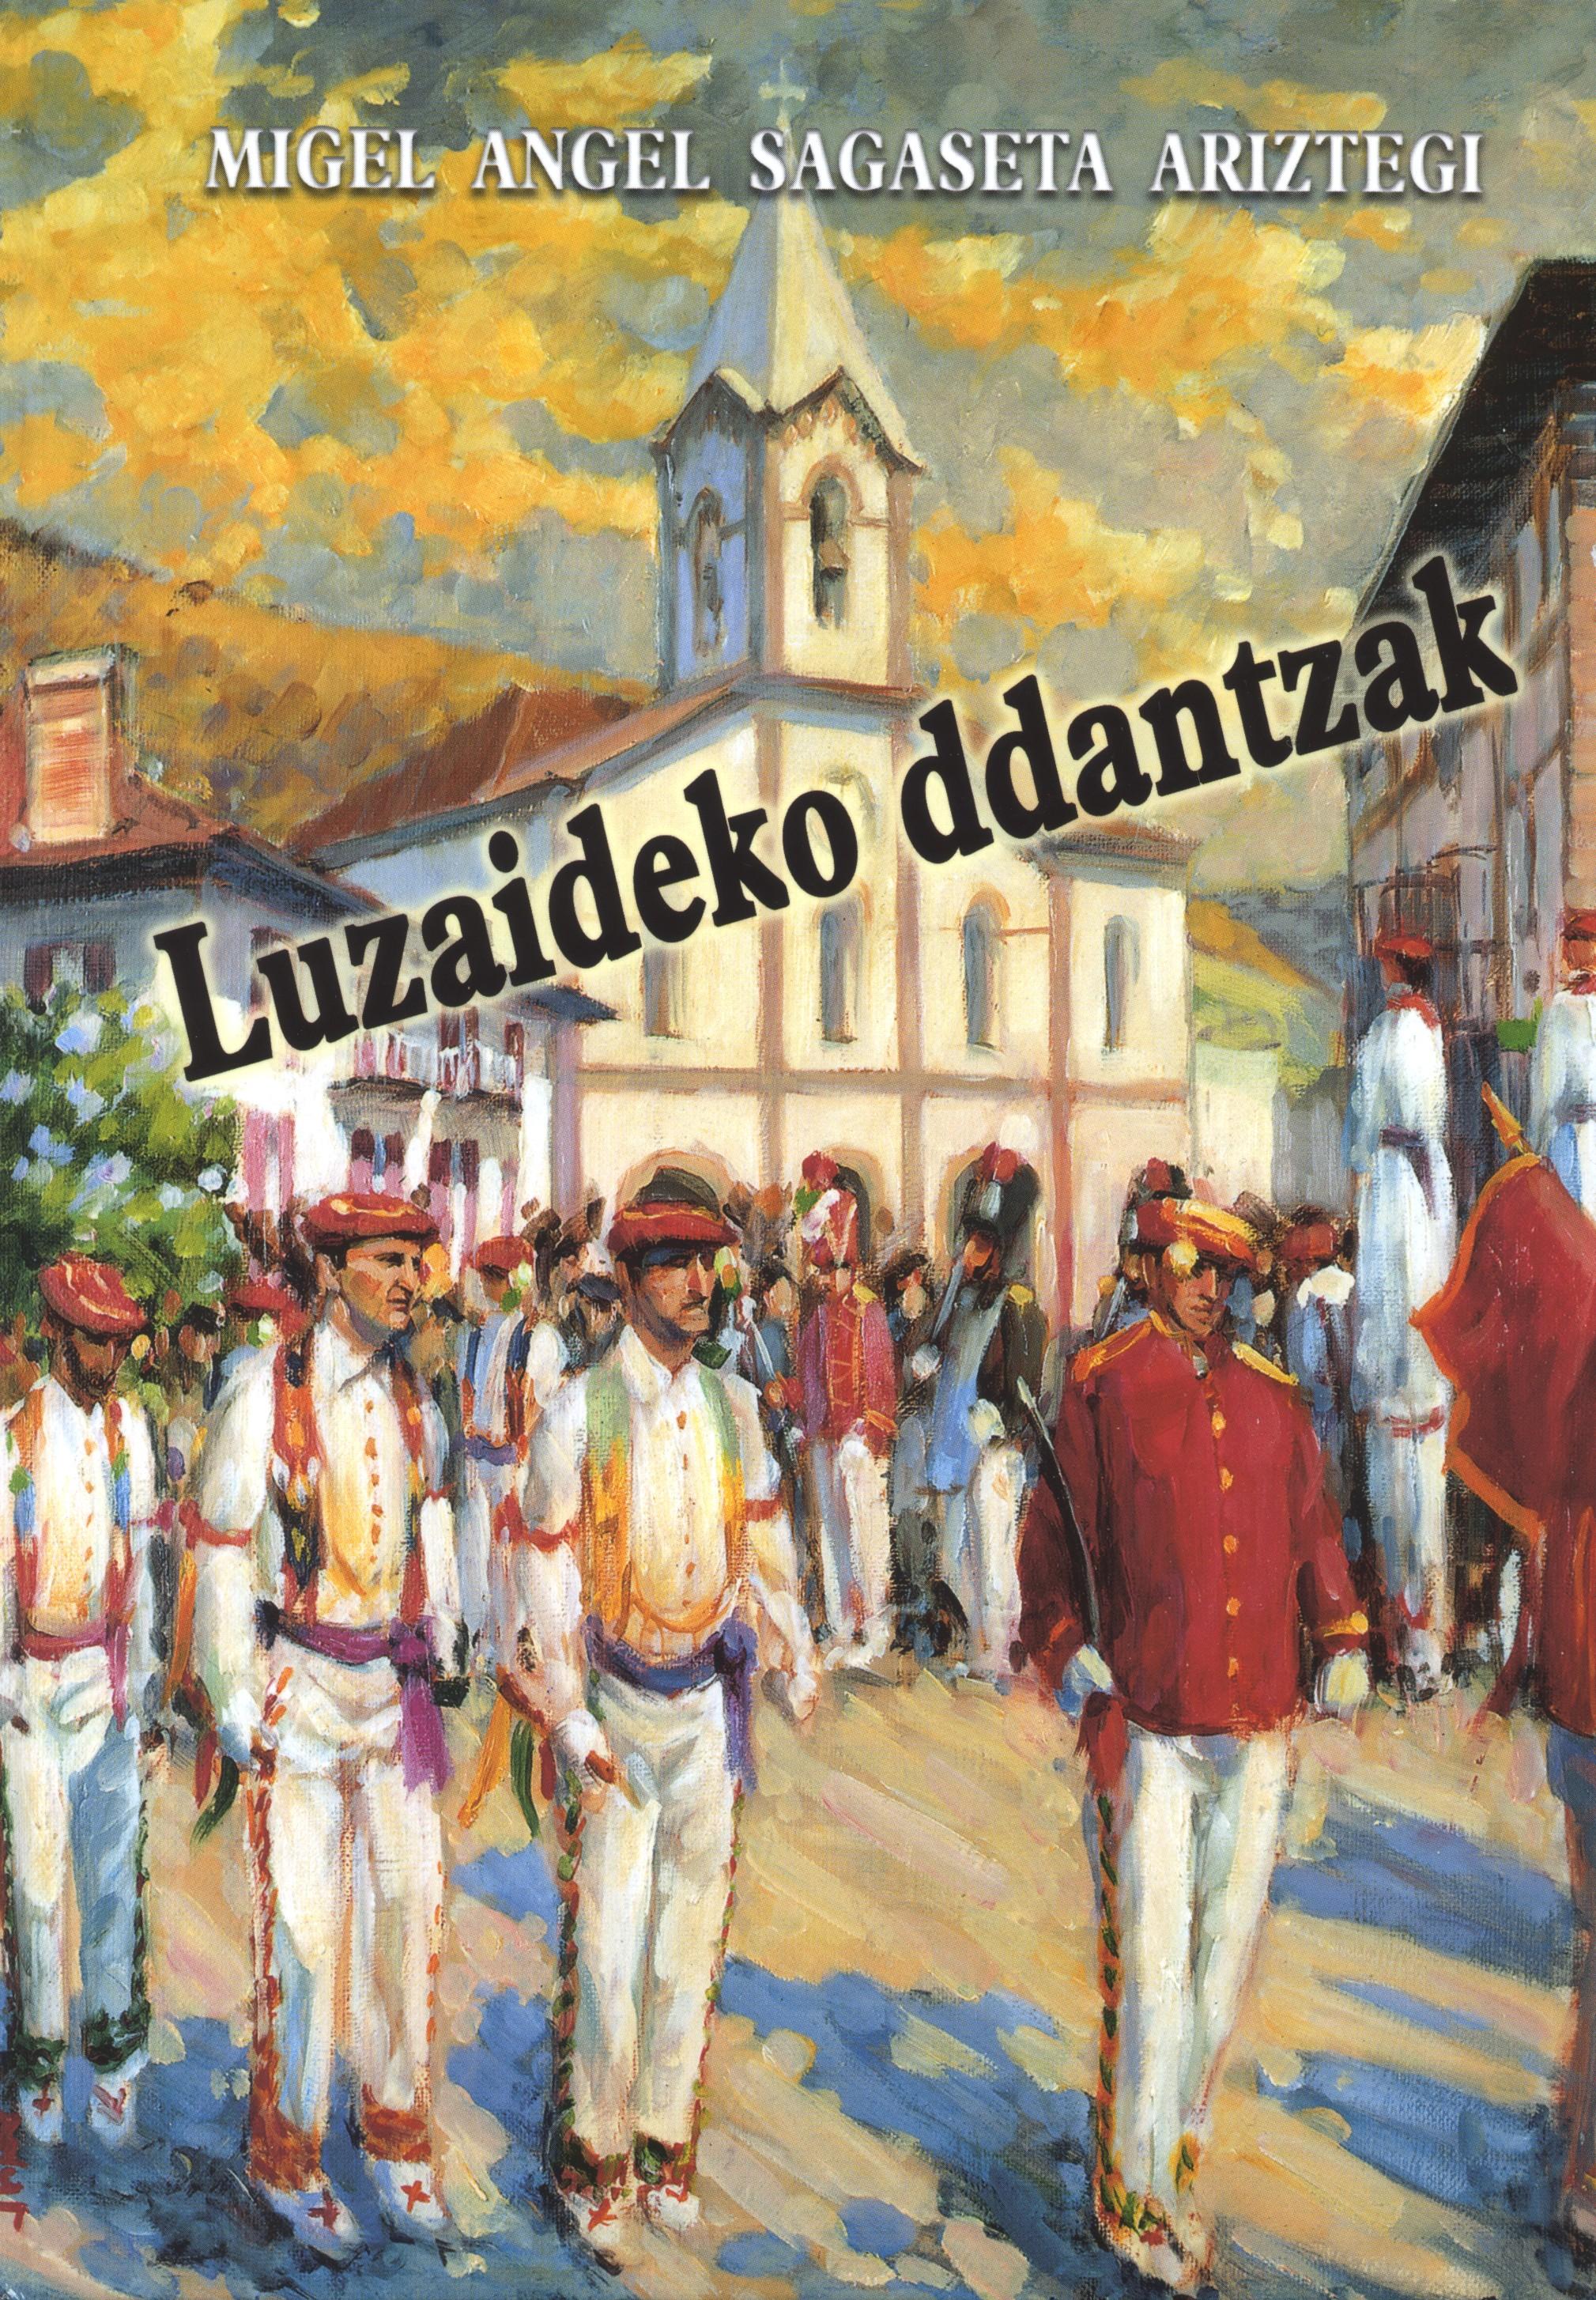 """""""Luzaideko ddantzak"""" liburua argitaratu du Sagasetak"""